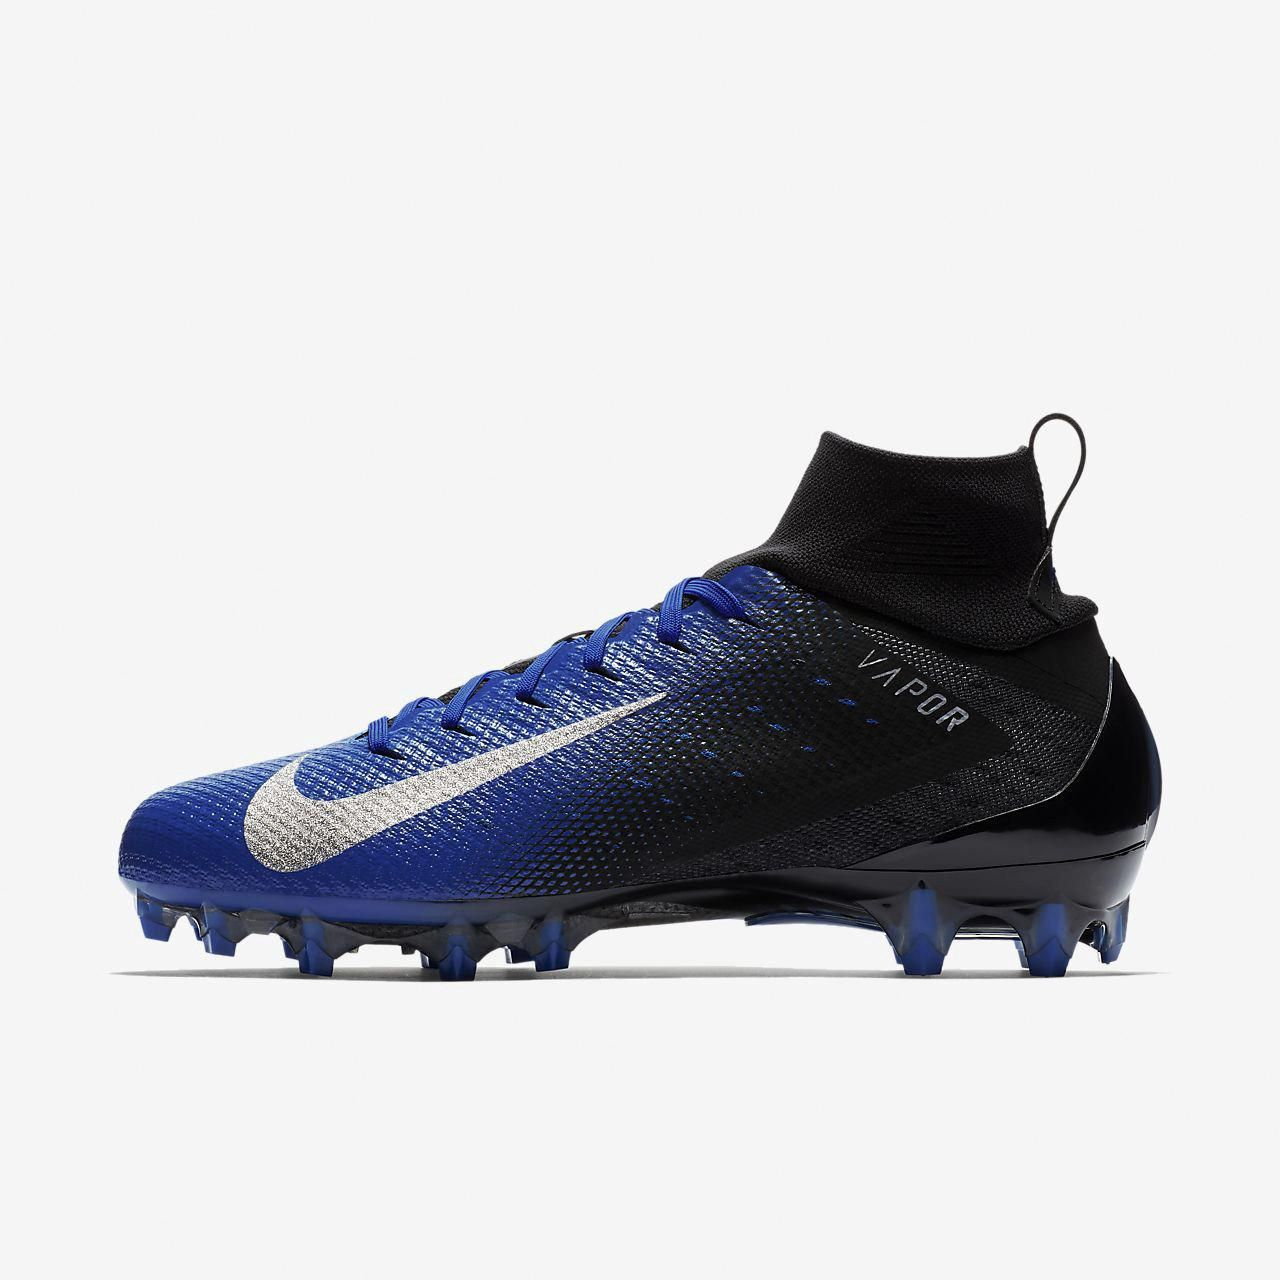 size 40 52de2 4607f Nike Vapor Untouchable Pro 3 Football Cleat - 10.5  vaporizers